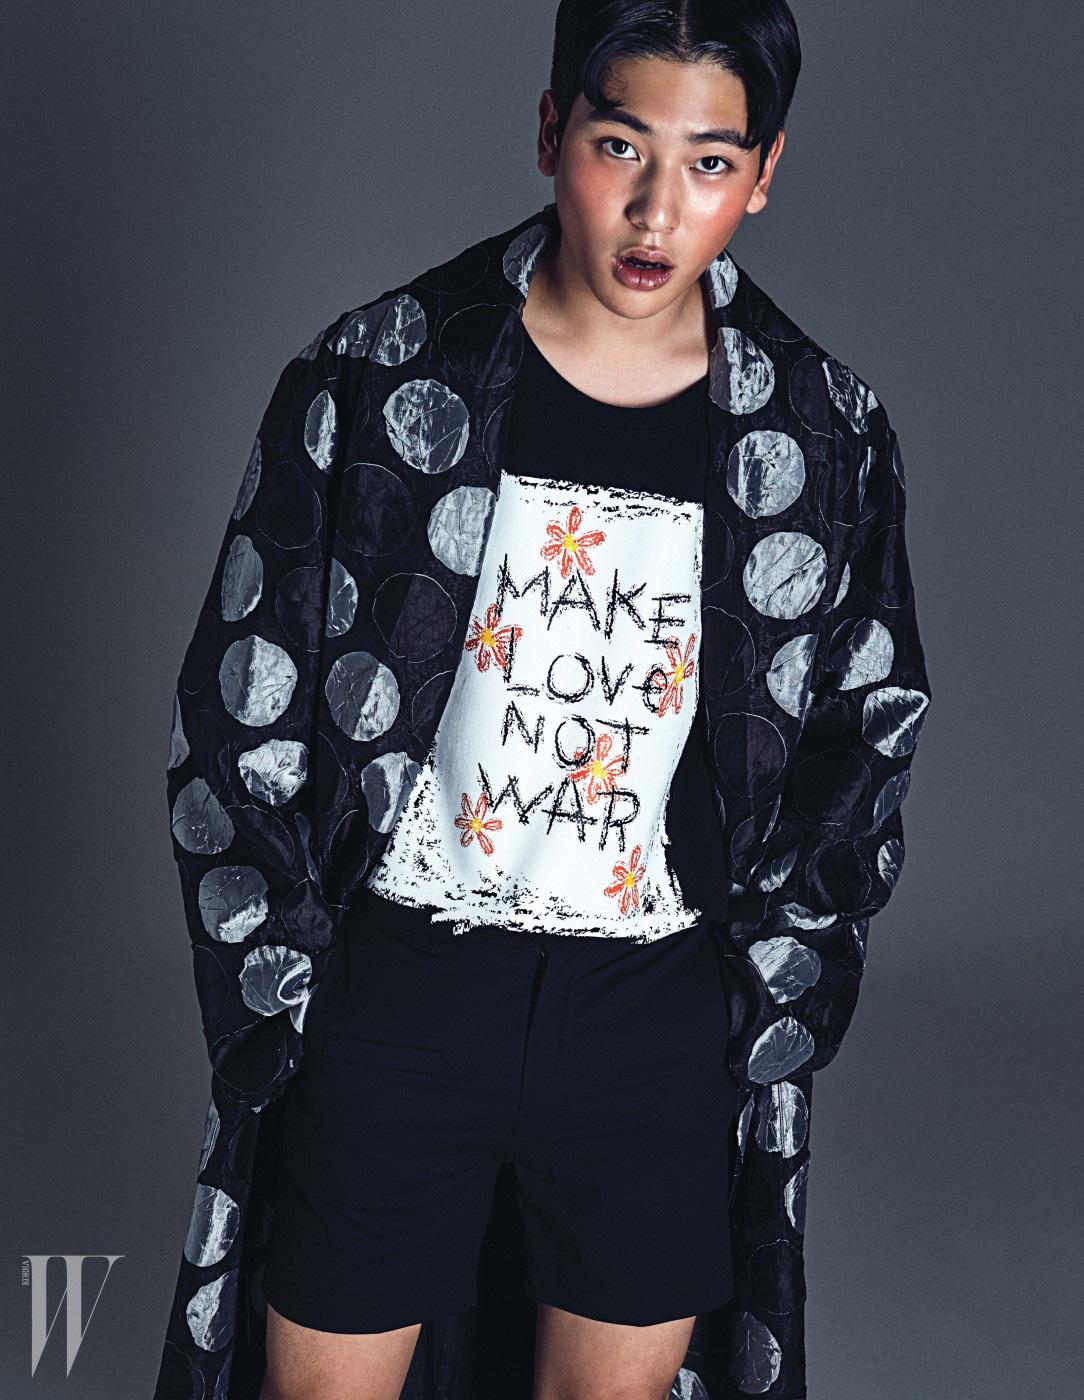 달이 프린트된 얇은 로브형 코트, 영문 프린트의 검은색 티셔츠와 검은색 쇼츠는 모두 Munsoo Kwon 제품.